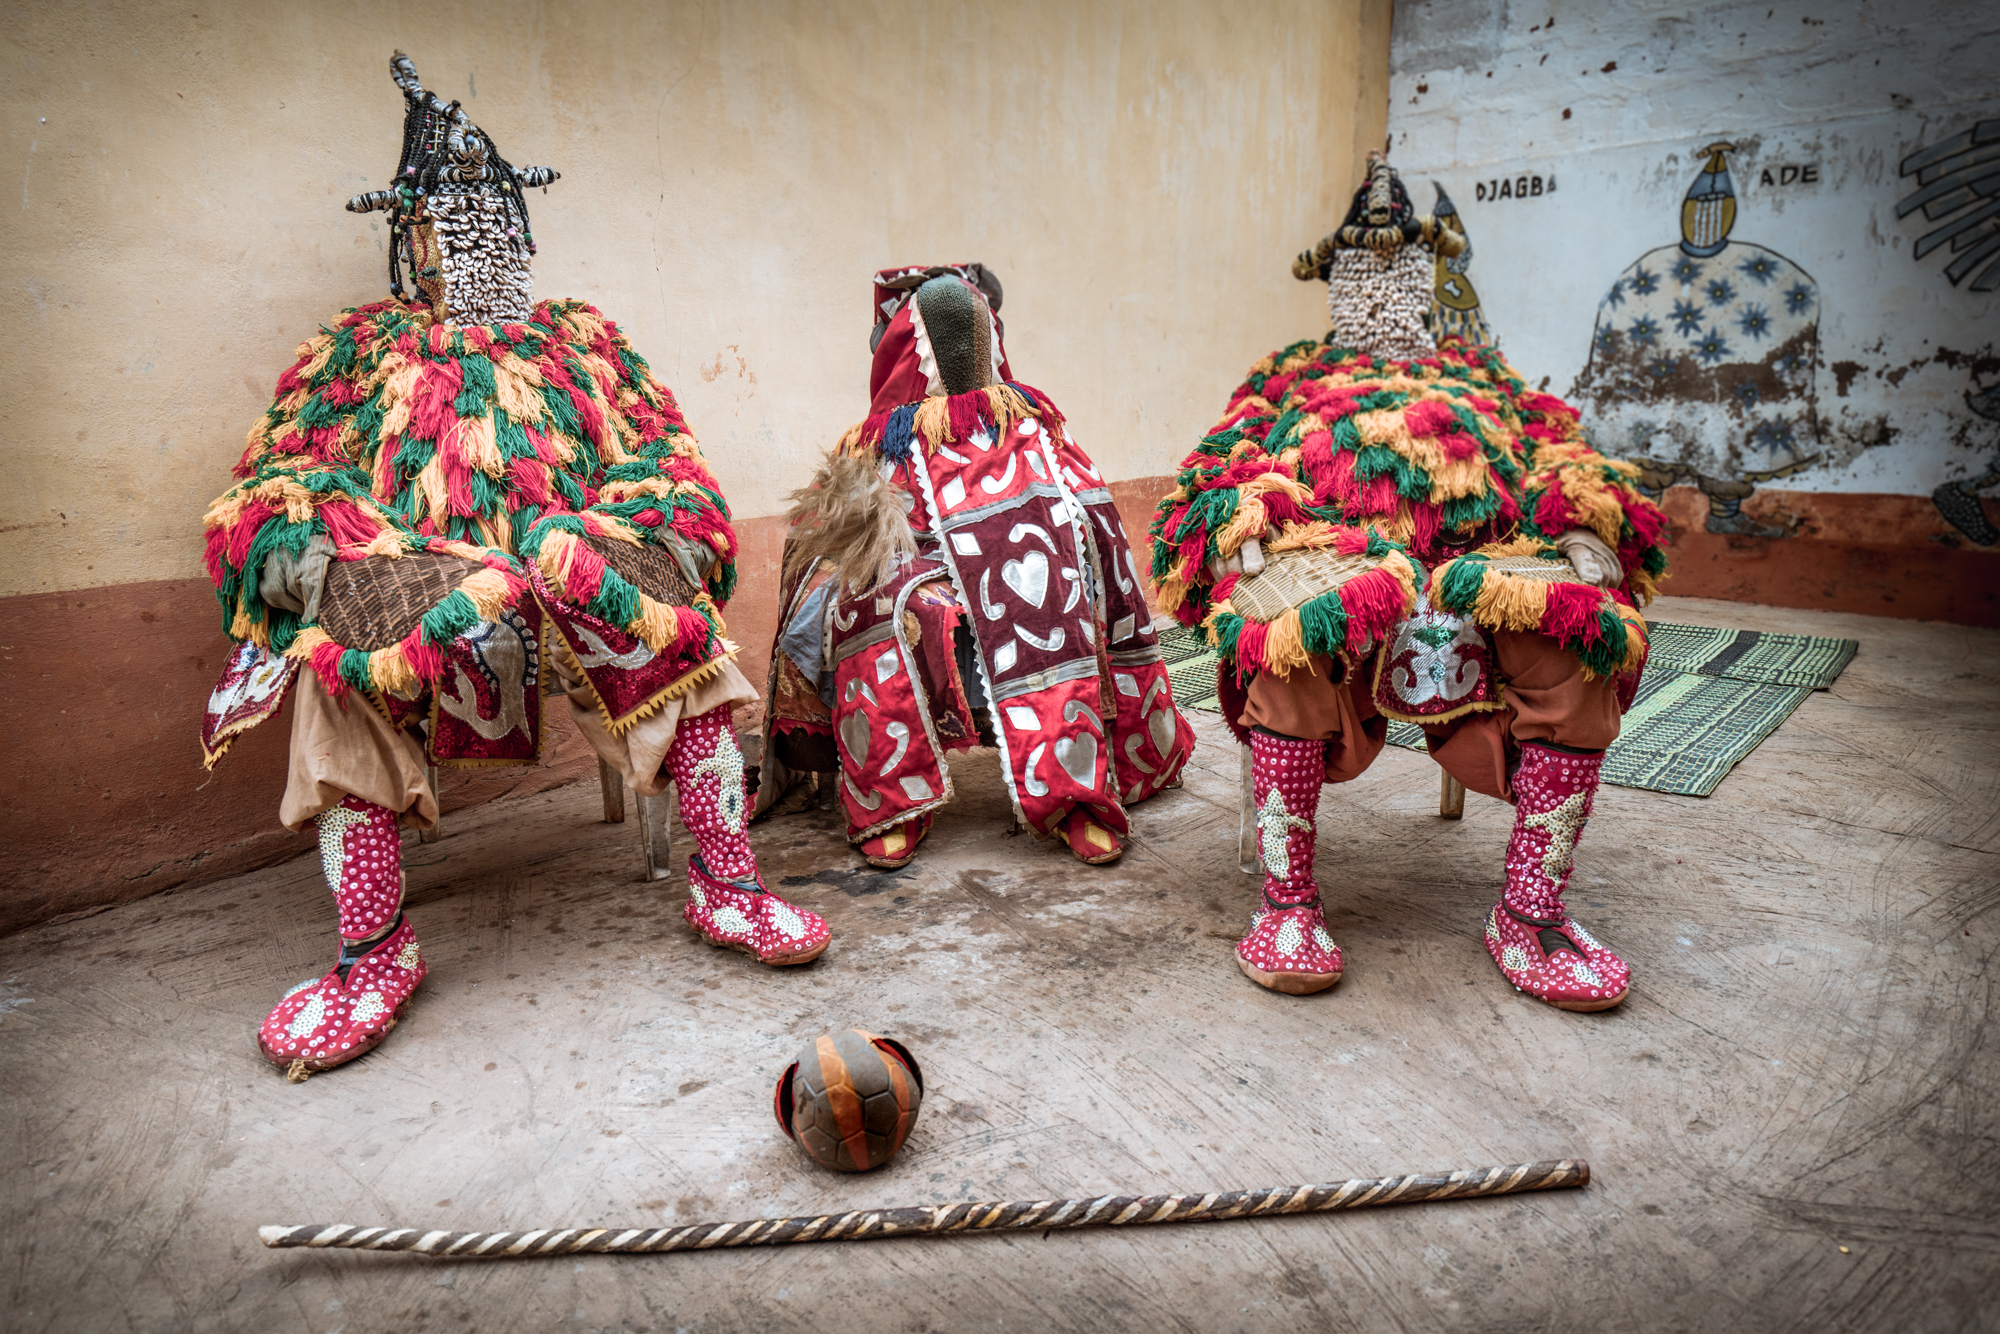 Benin_2000 sin título2018-09316 7952 x 5304.jpg